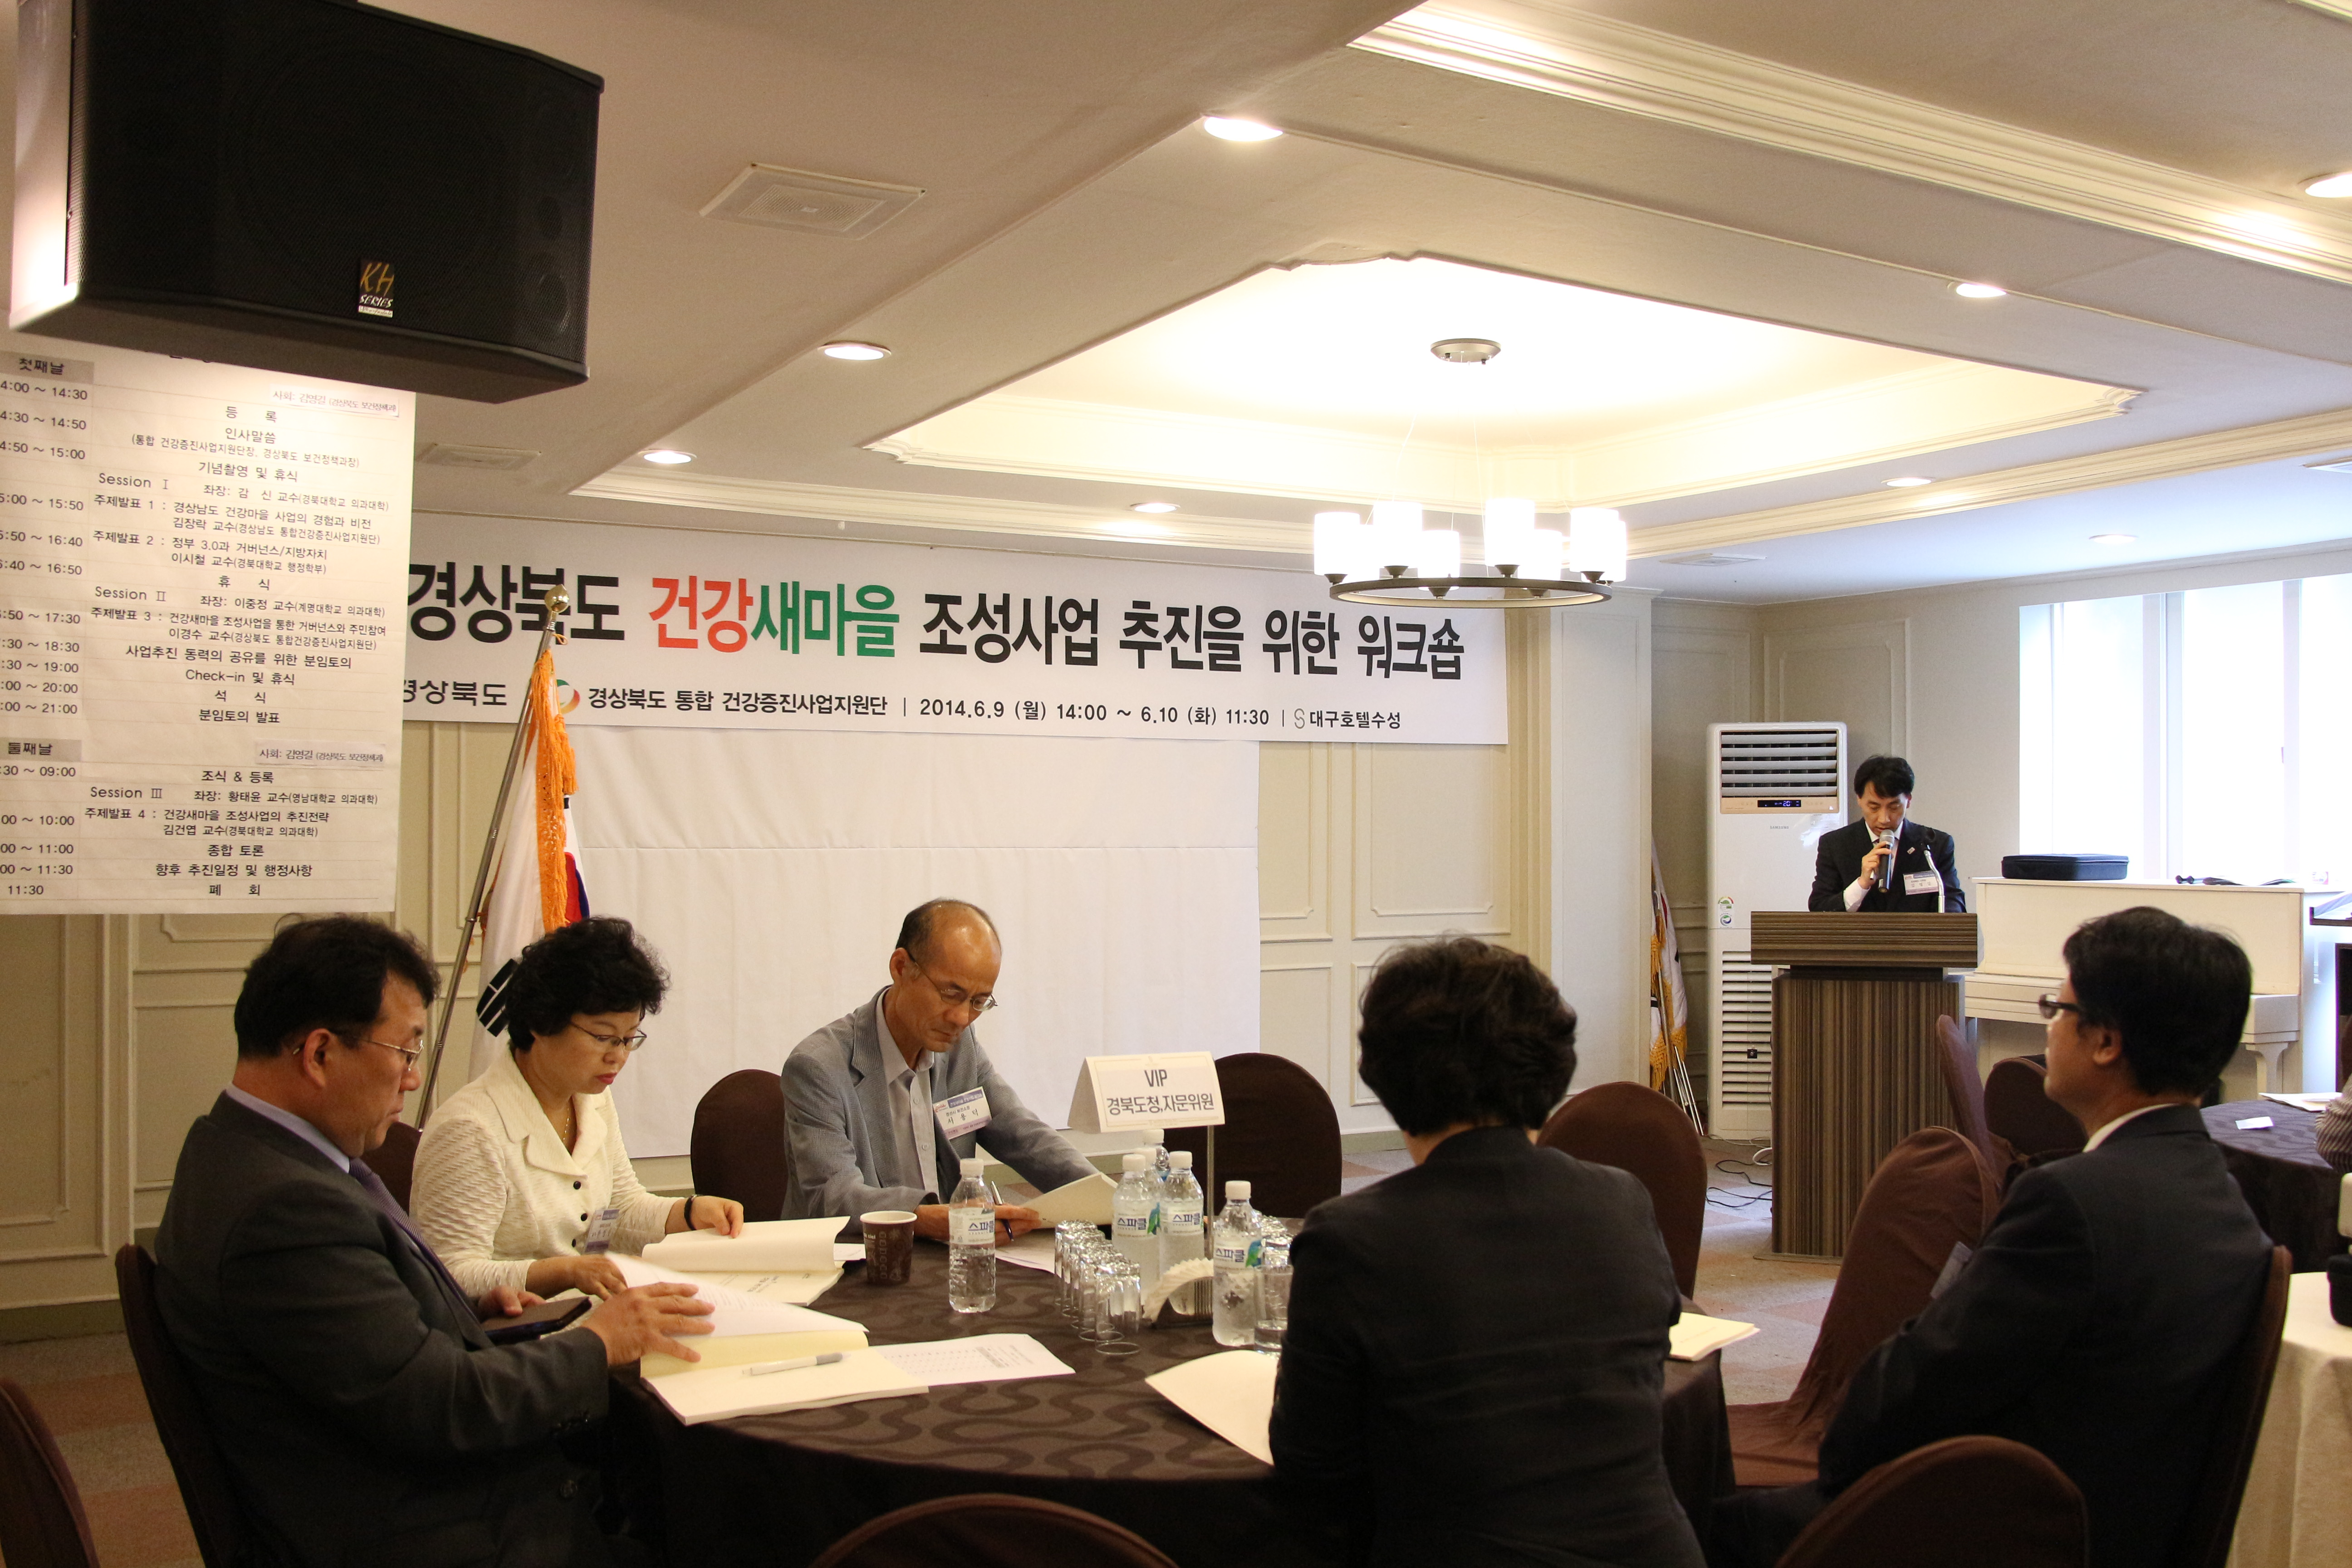 경상북도 건강새마을 조성사업 추진을 위한 워크숍